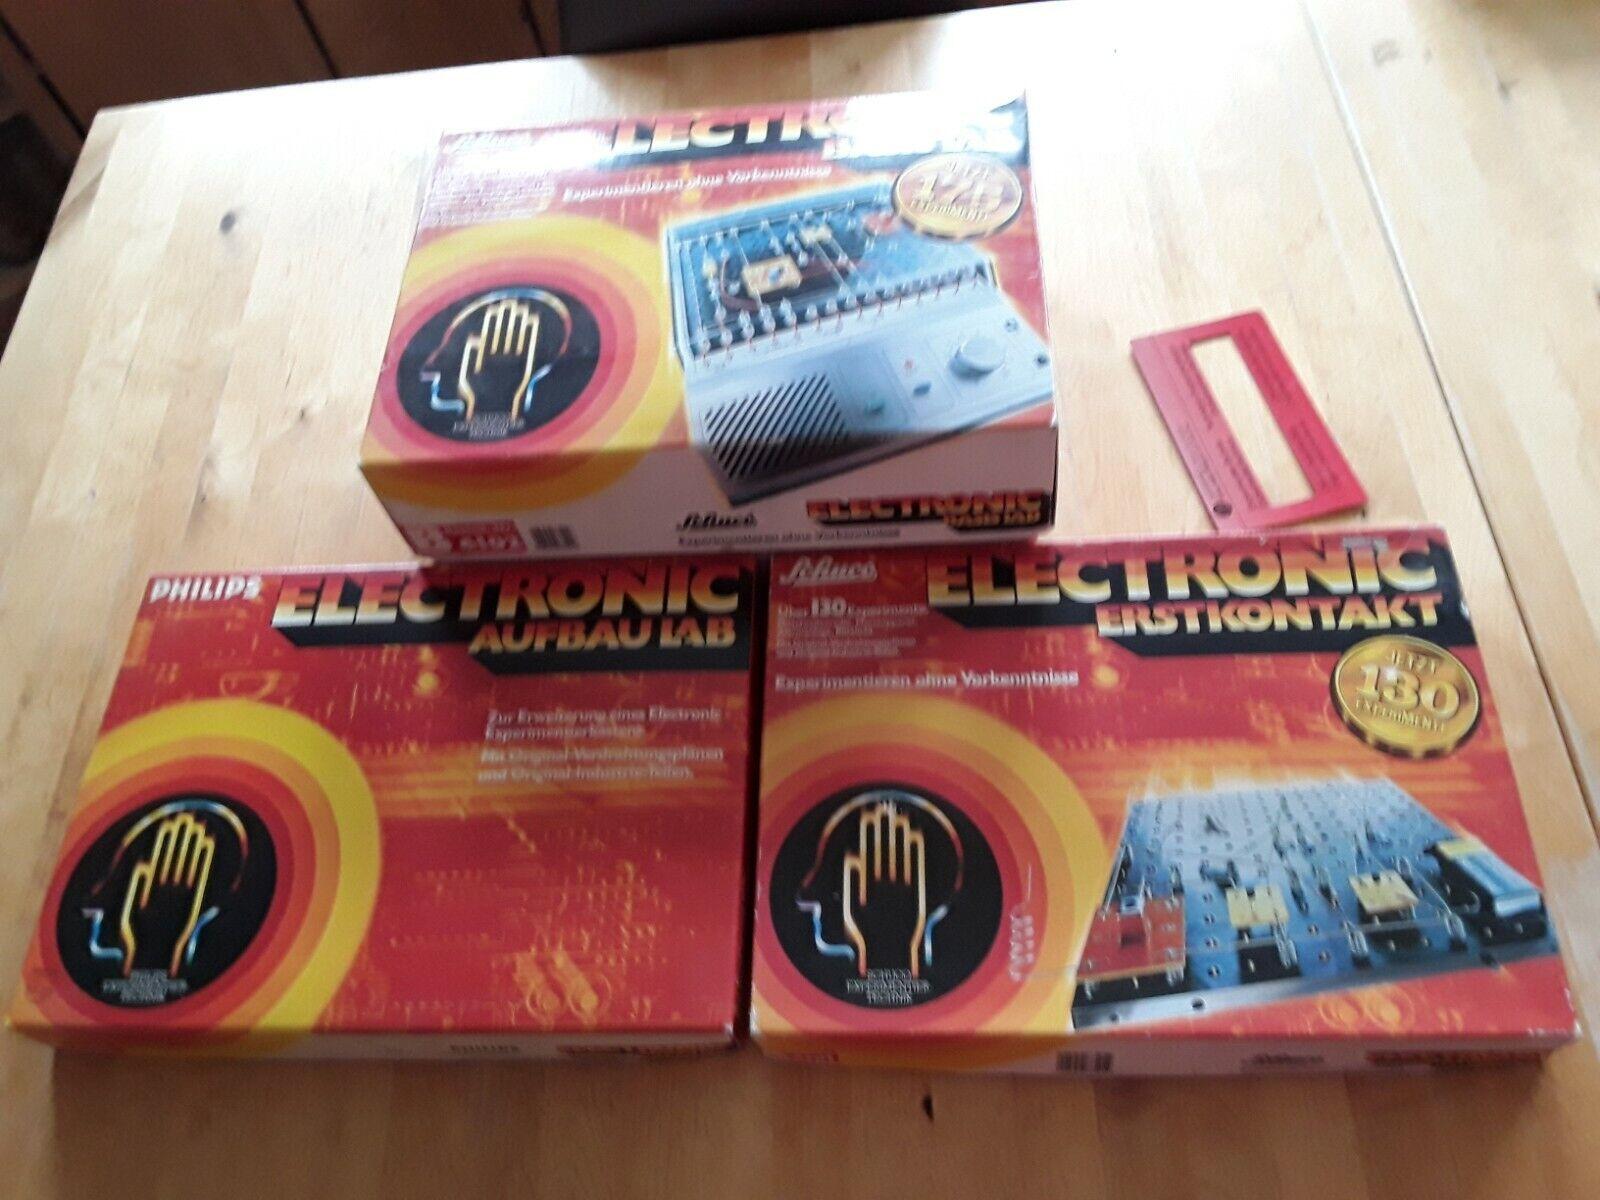 SCHUCO ELECTRONIC  BASIS LAB B 6102 Baukasten